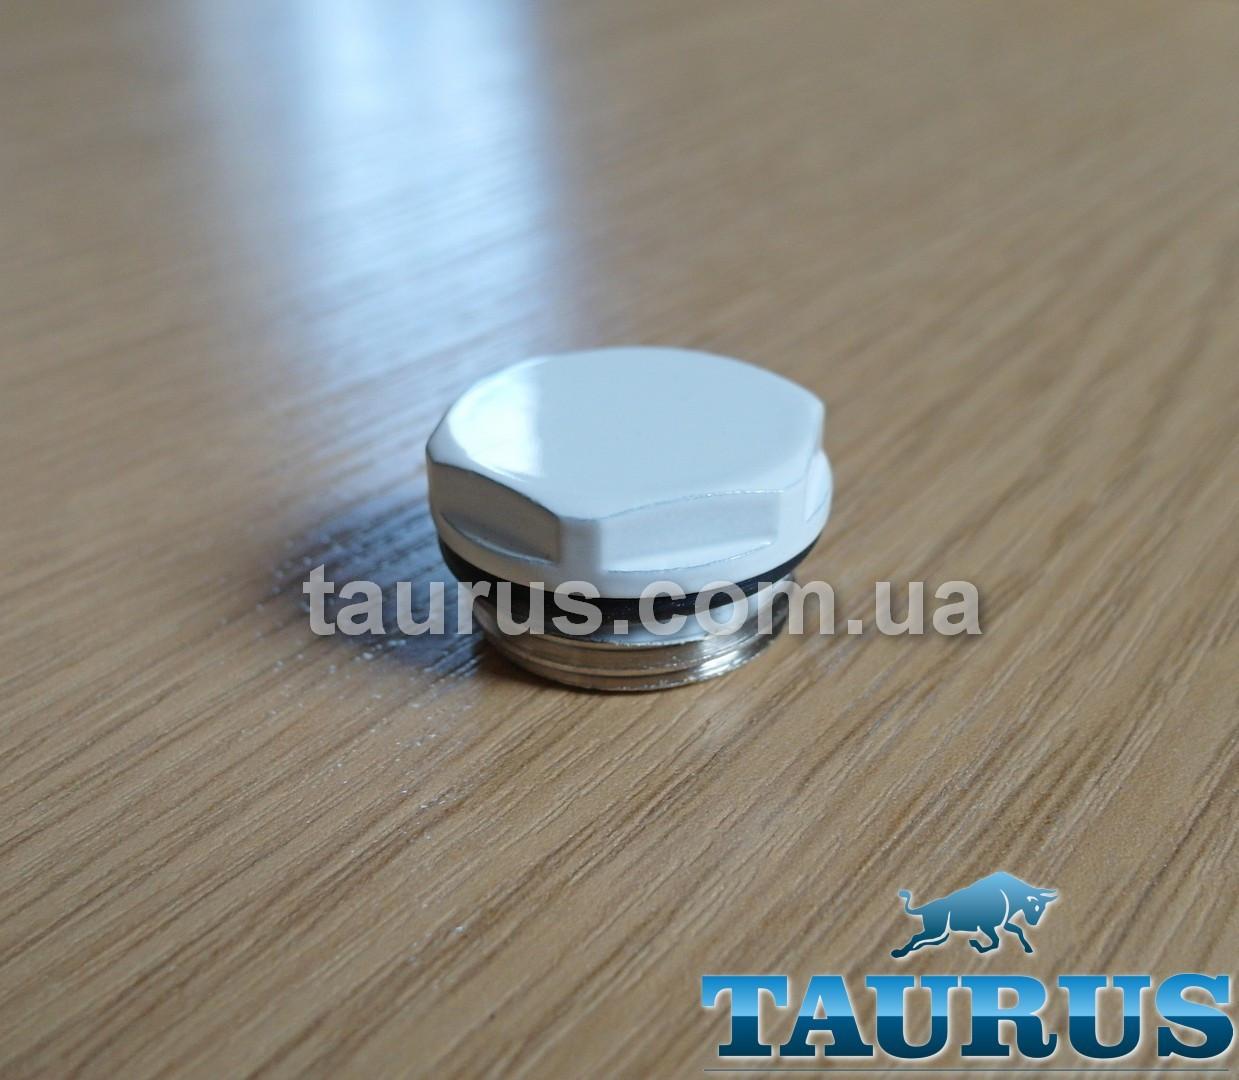 """Белая монолитная заглушка с резинкой 1/2"""" на полотенцесушитель. Компактный размер. Латунь. Цельная. Плоская"""